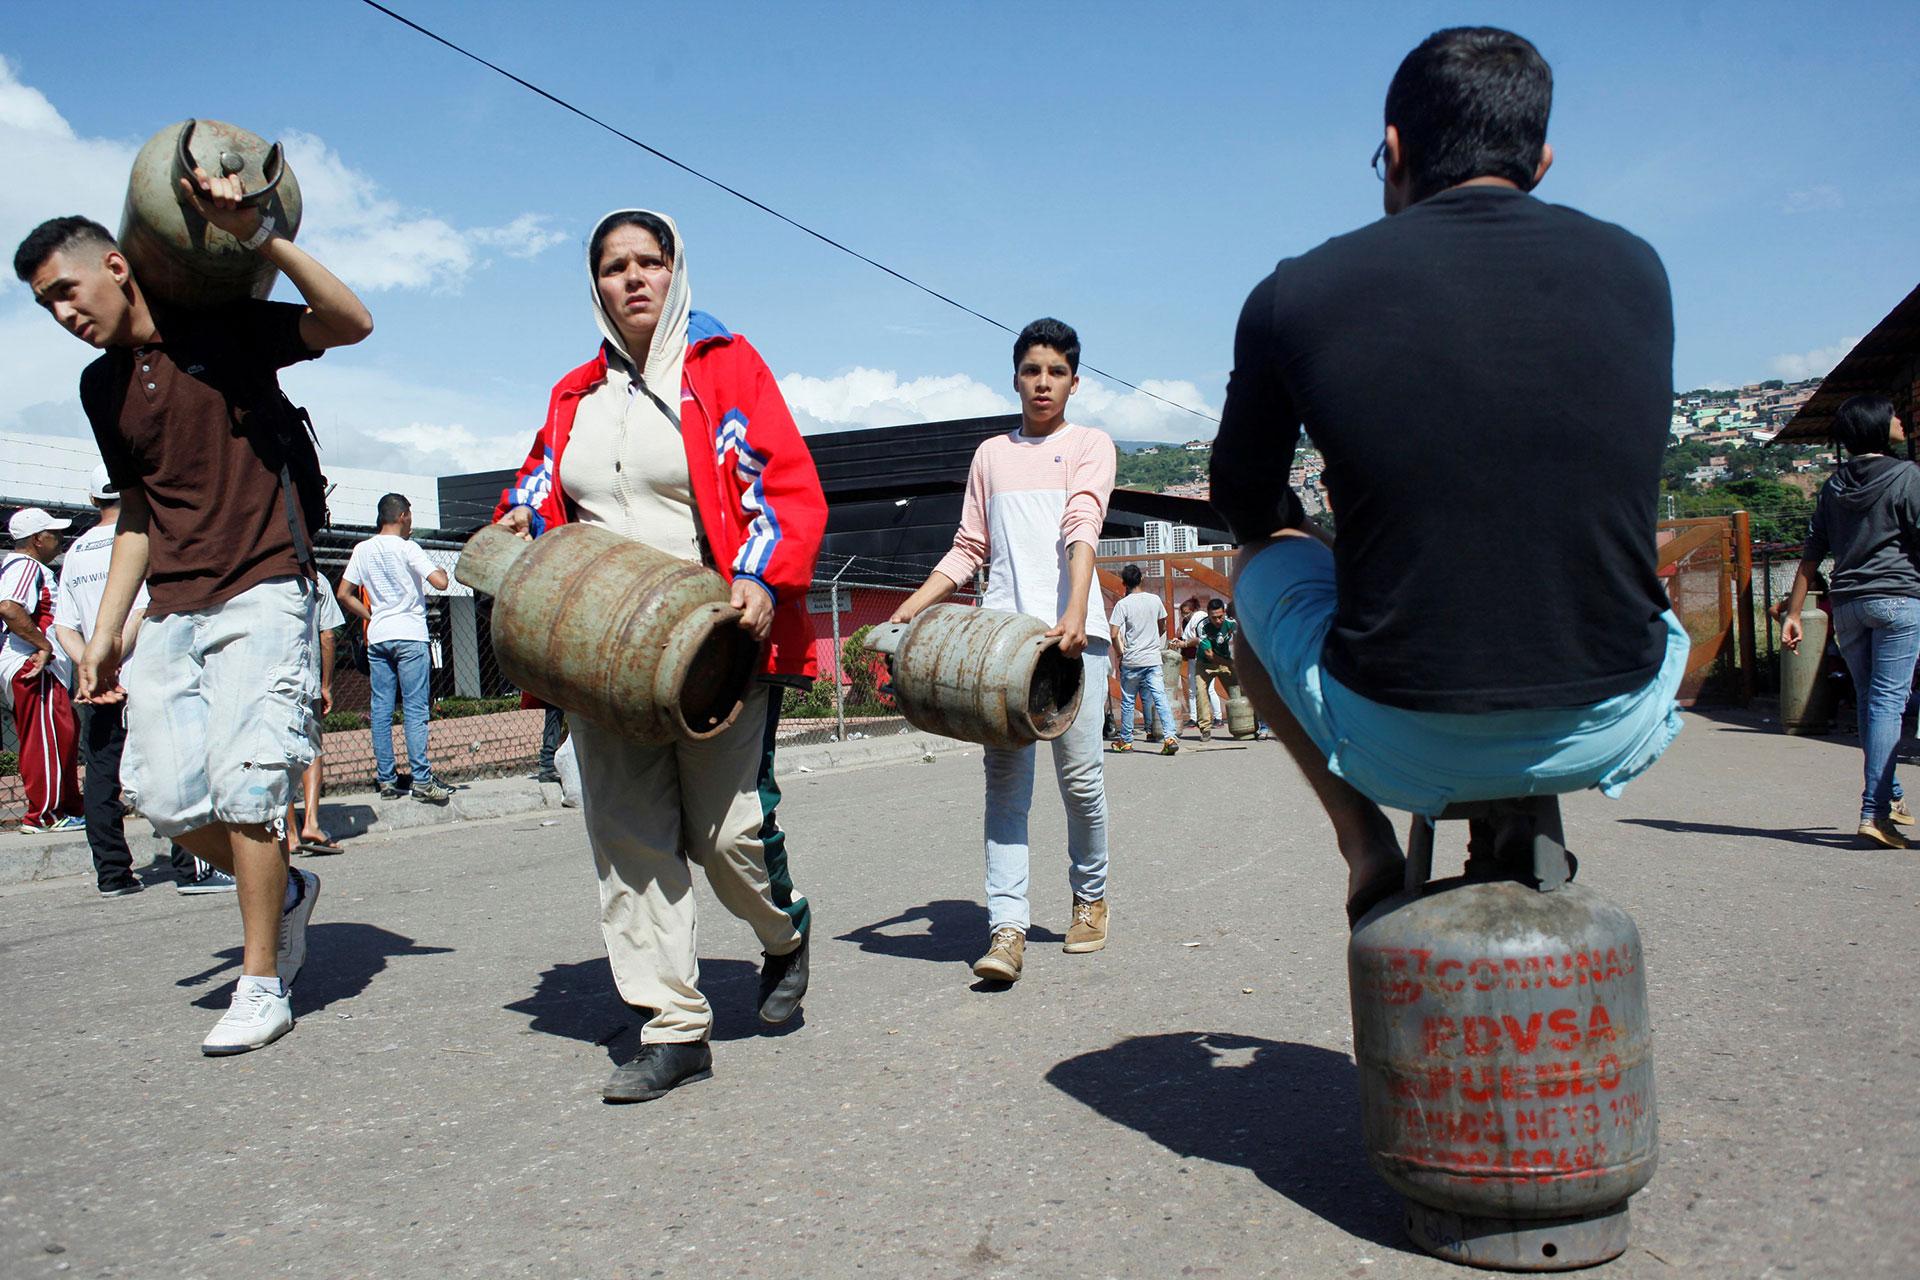 Nueve de cada 10 hogares venezolanos consume gas doméstico en cilindros y solo el 10 por ciento lo recibe directamente por tuberías, de acuerdo con cifras oficiales (Reuters)